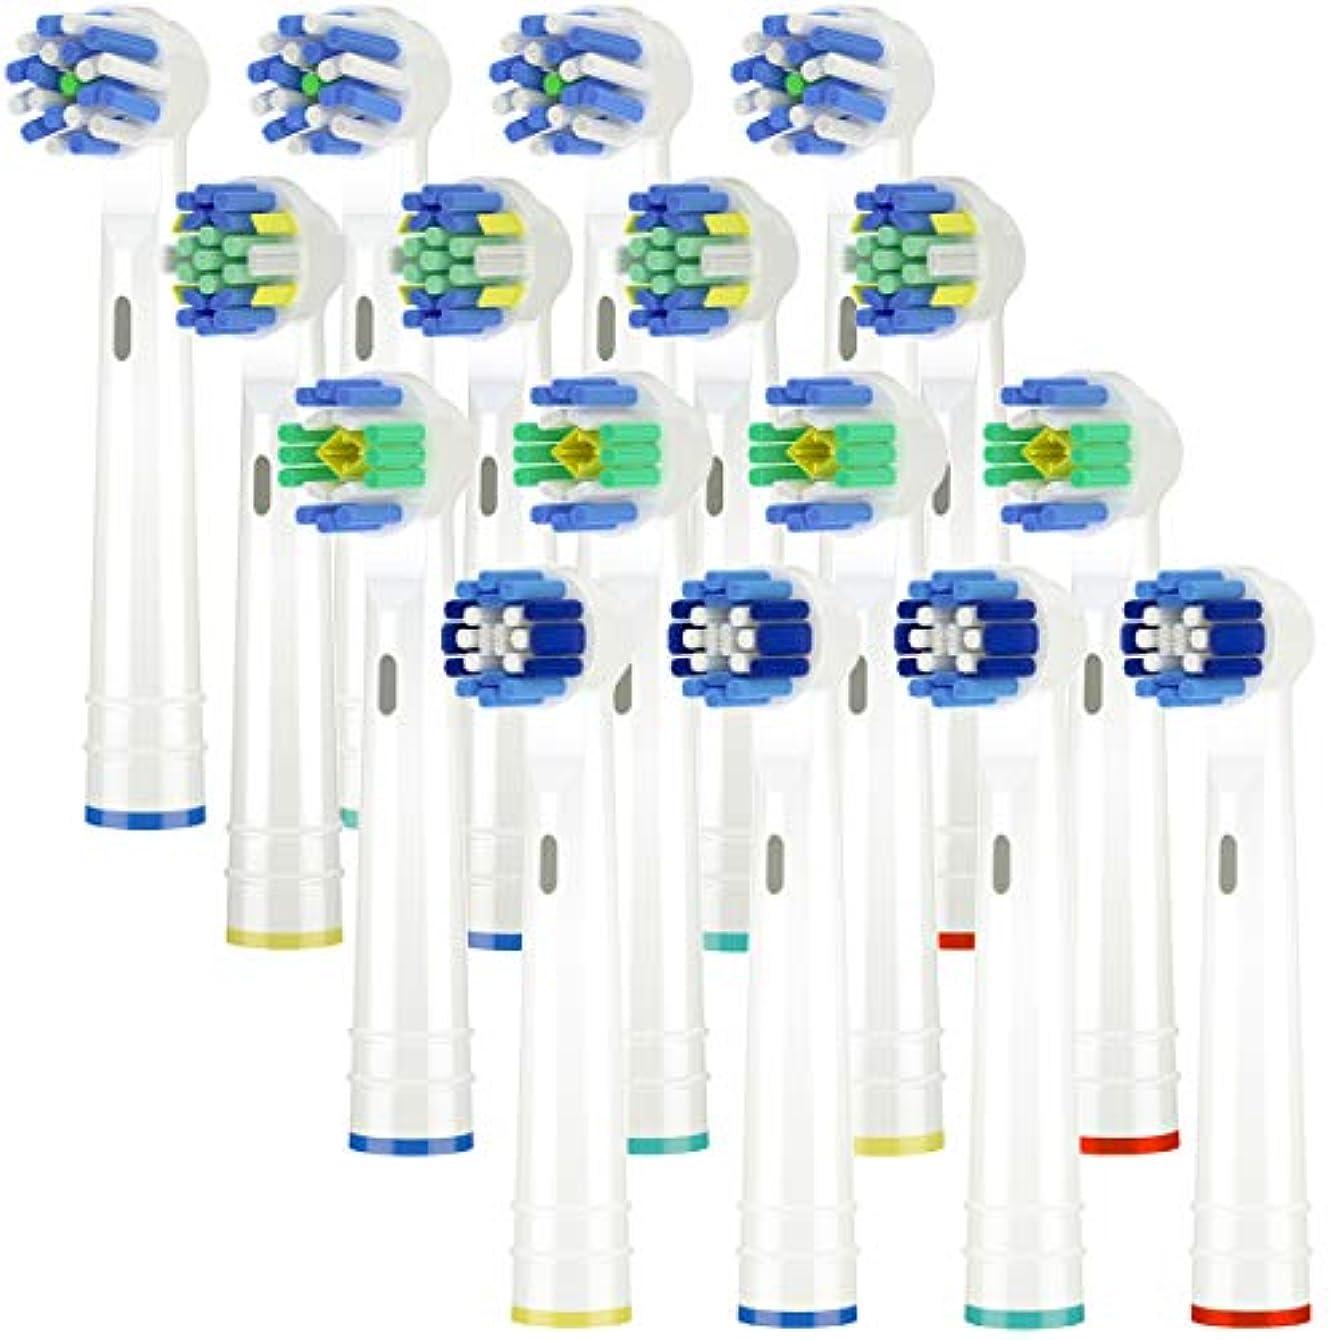 女の子ゆでる考えるItechnik 電動歯ブラシ 替えブラシ ブラウン オーラルB 対応 替えブラシ 4種類が入り:ホワイトニングブラシ 、ベーシックブラシ、歯間ワイパー付きブラシ、マルチアクションブラシ 凡用な16本